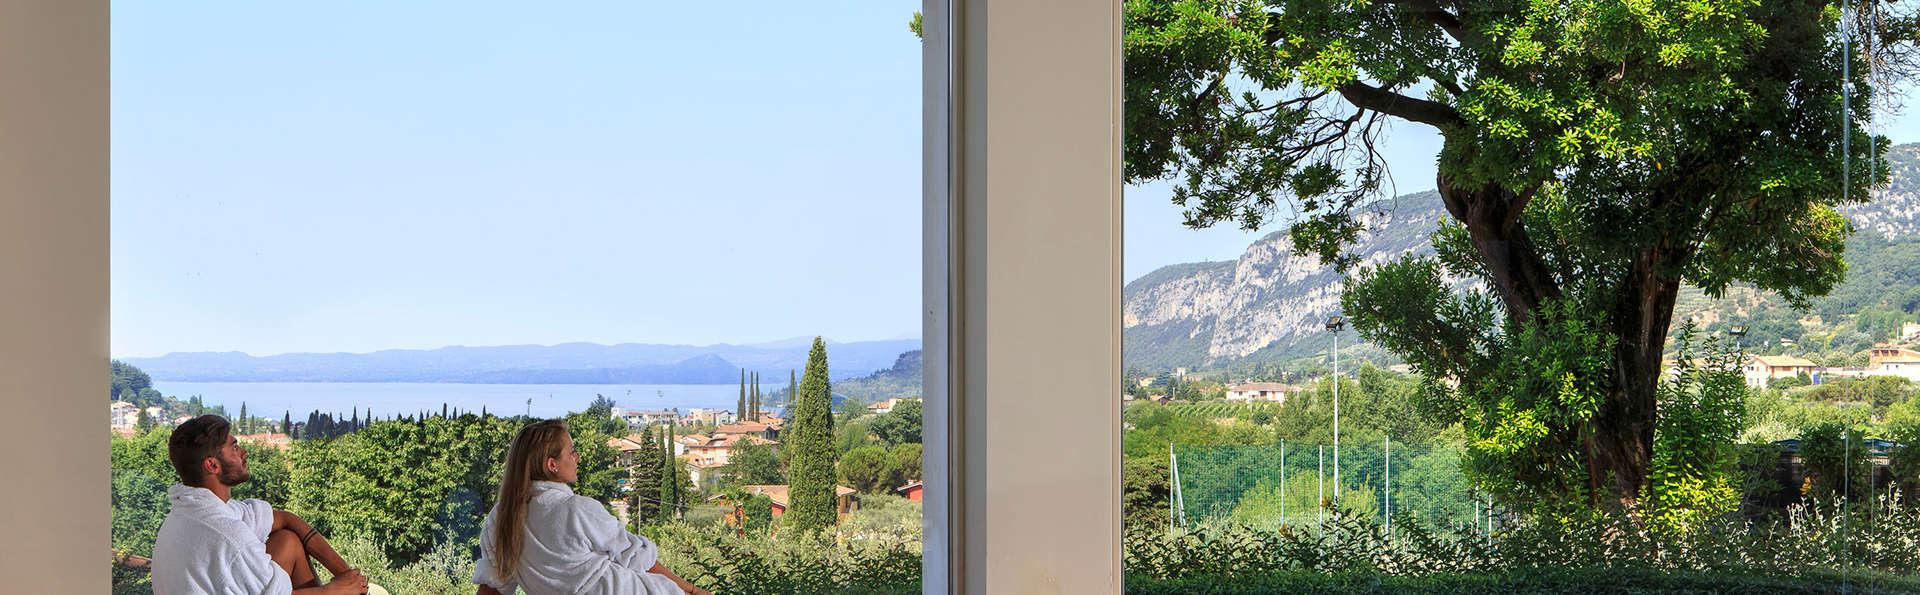 Poiano Resort - EDIT_spa.jpg